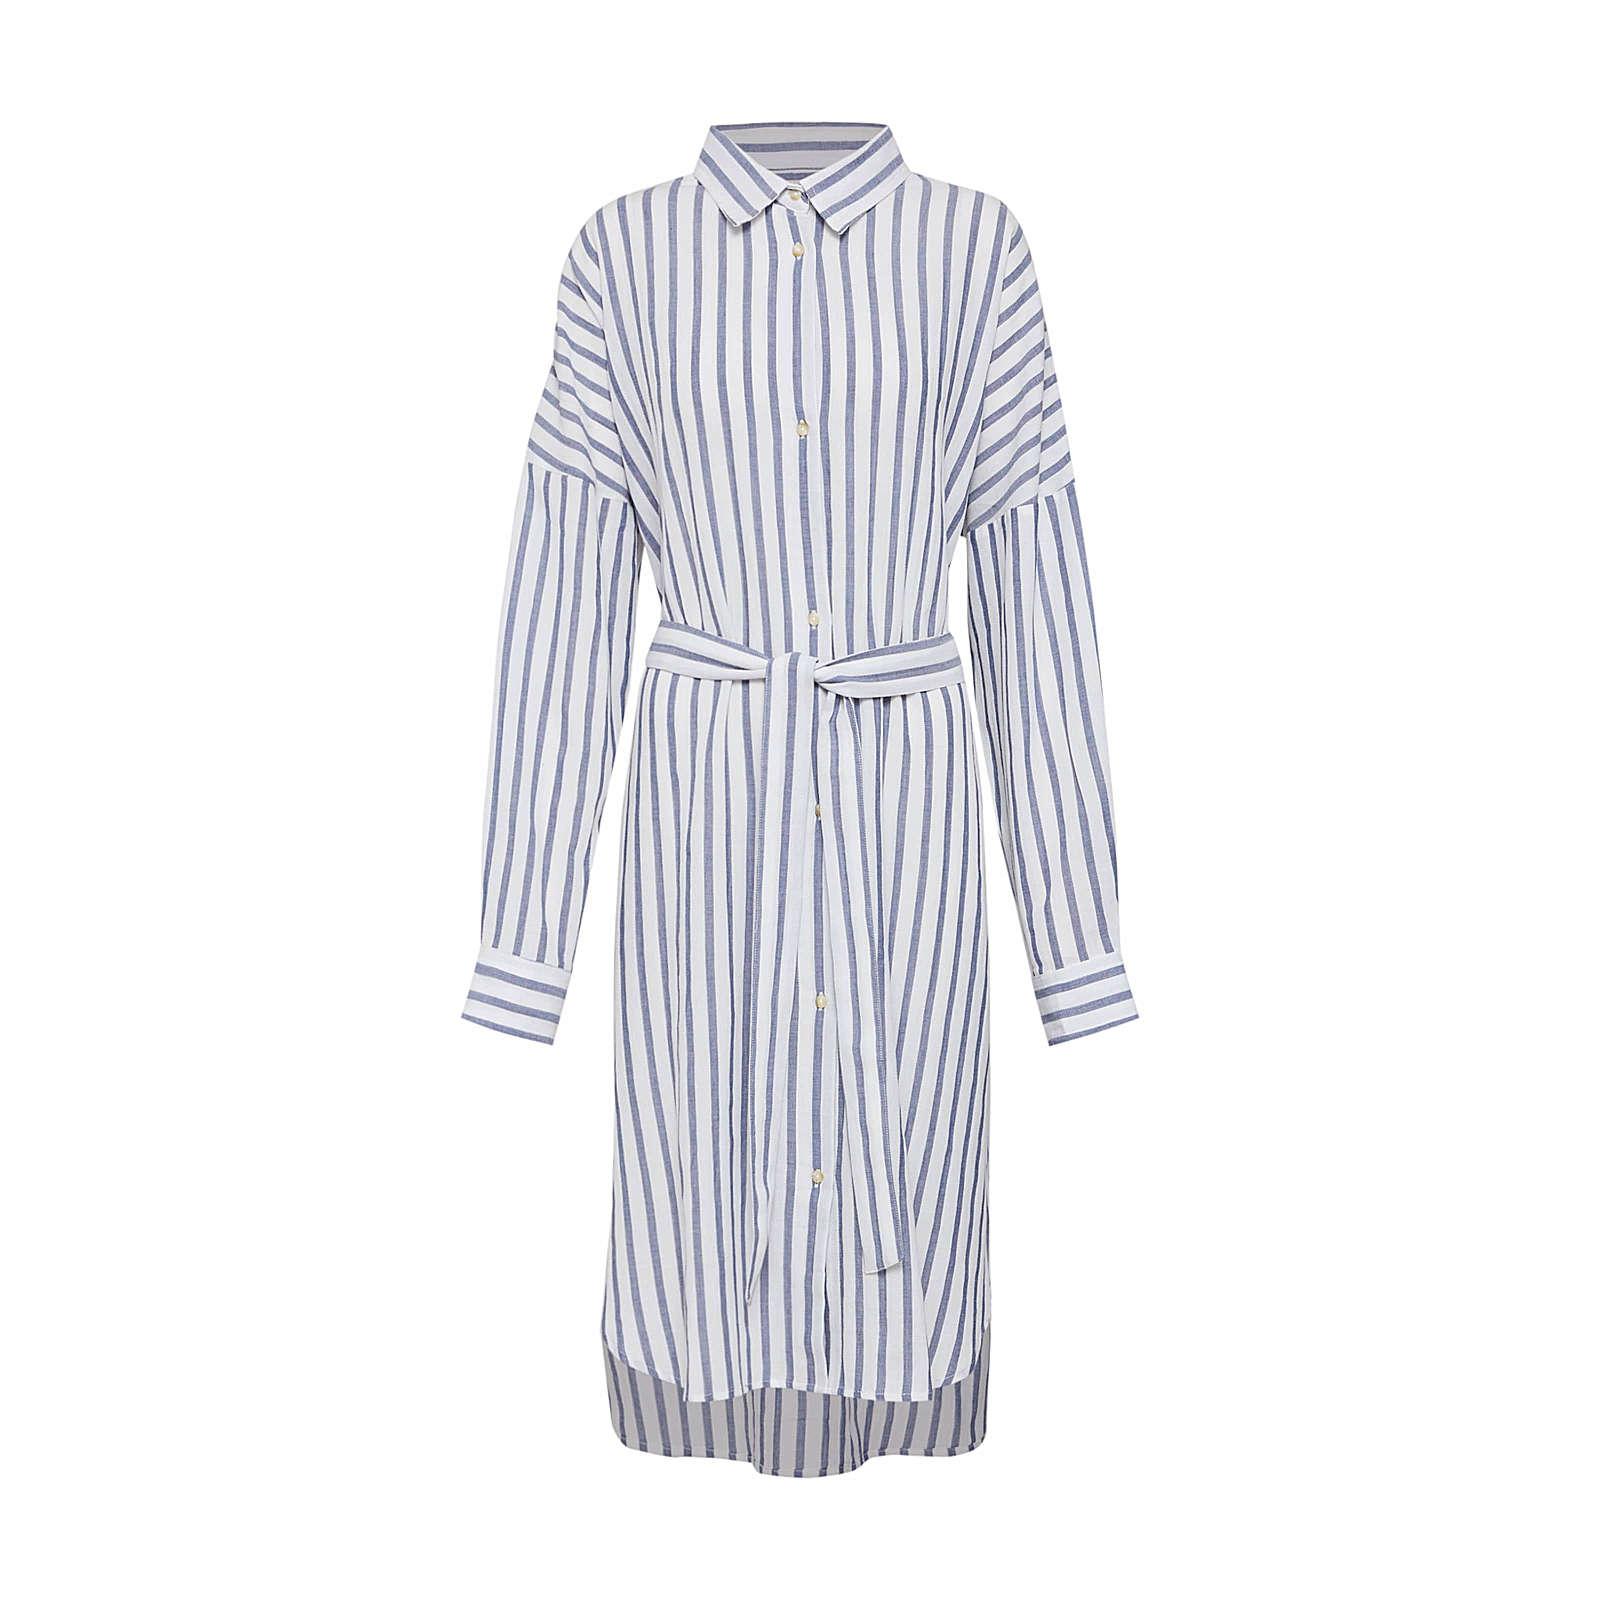 ECOALF Blusenkleid GINA DRESS Blusenkleider weiß Damen Gr. 40